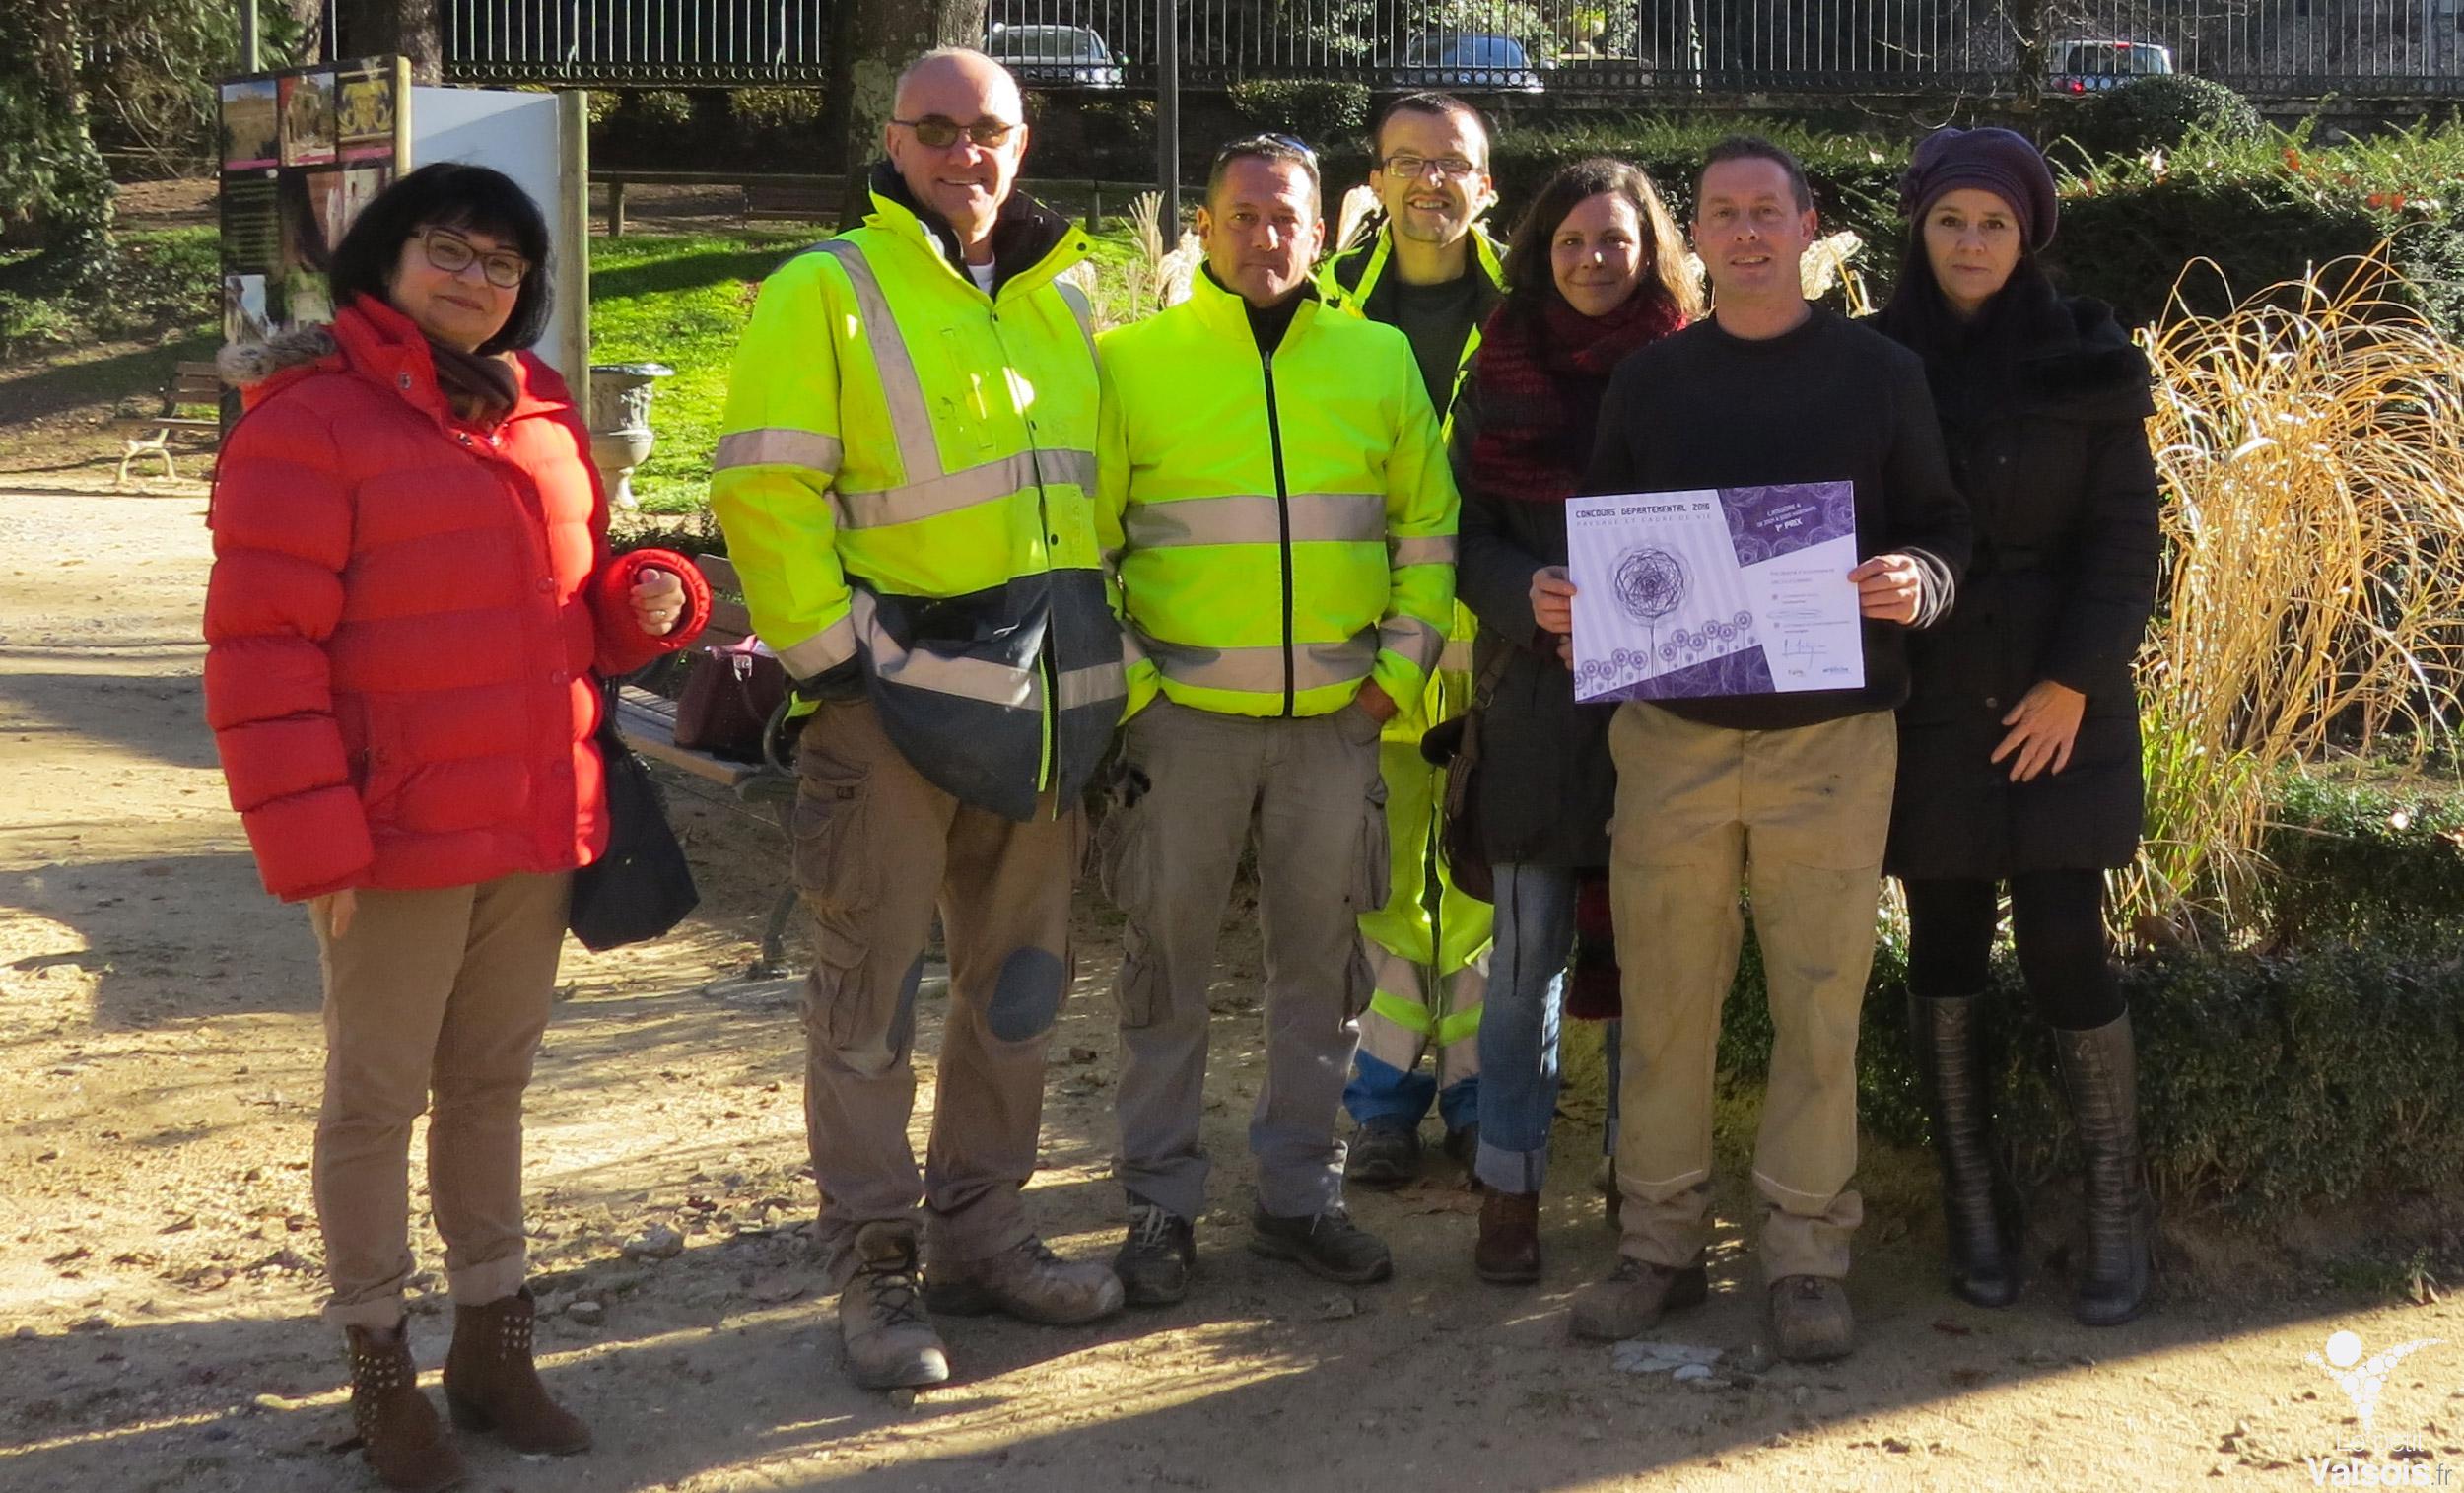 Vals-les-Bains obtient le premier prix départemental 2016 Paysage et cadre de vie